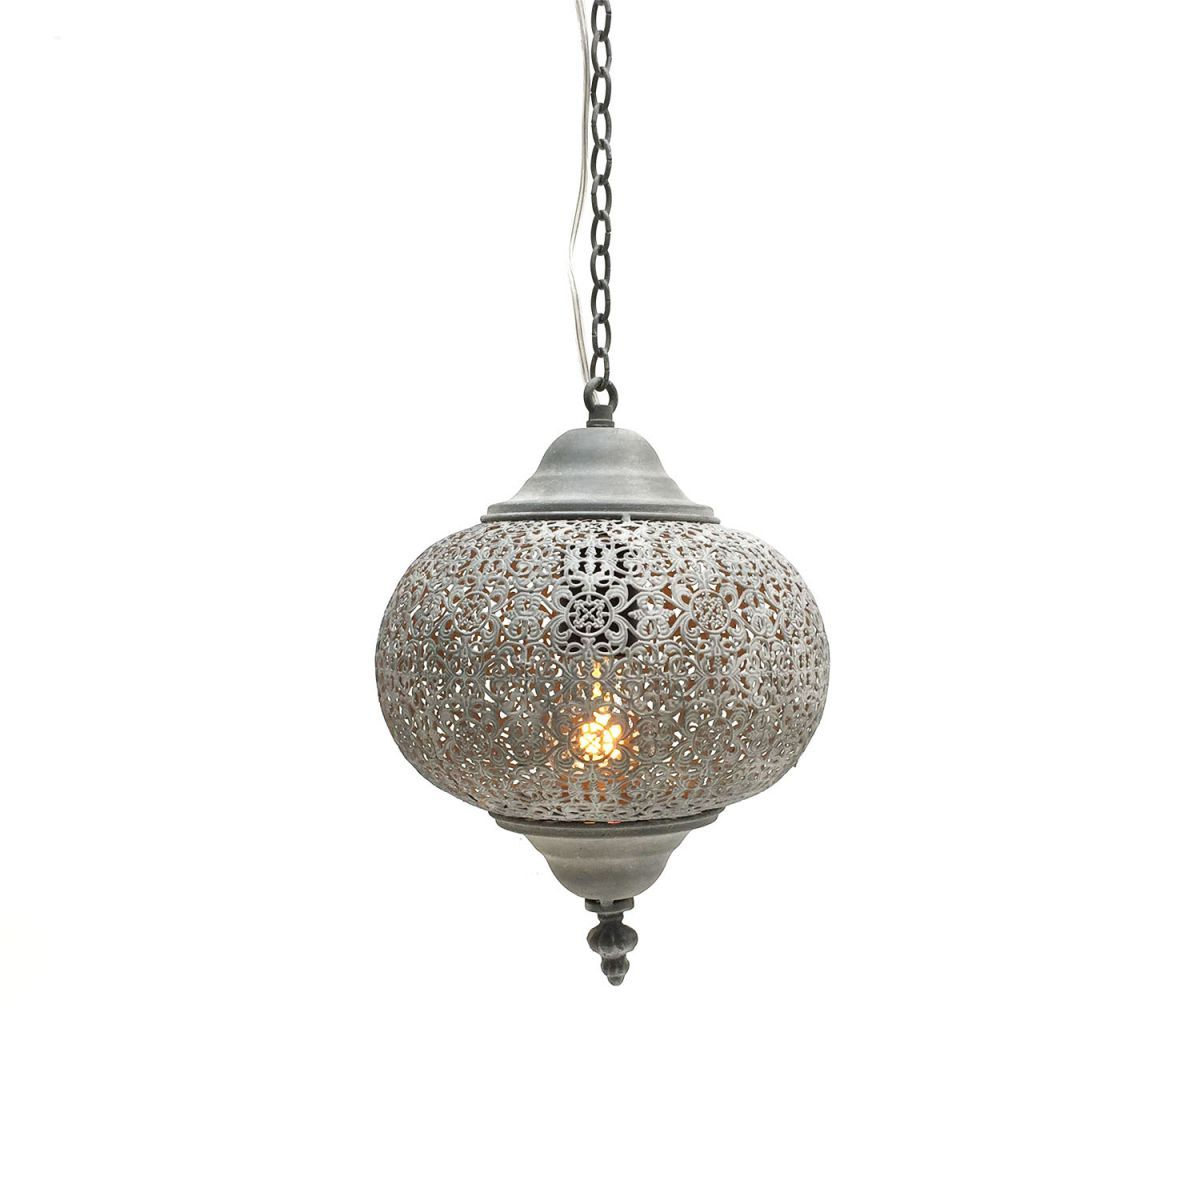 hanglamp filigrain orientaals mistiek grijs 25 hg 25cm